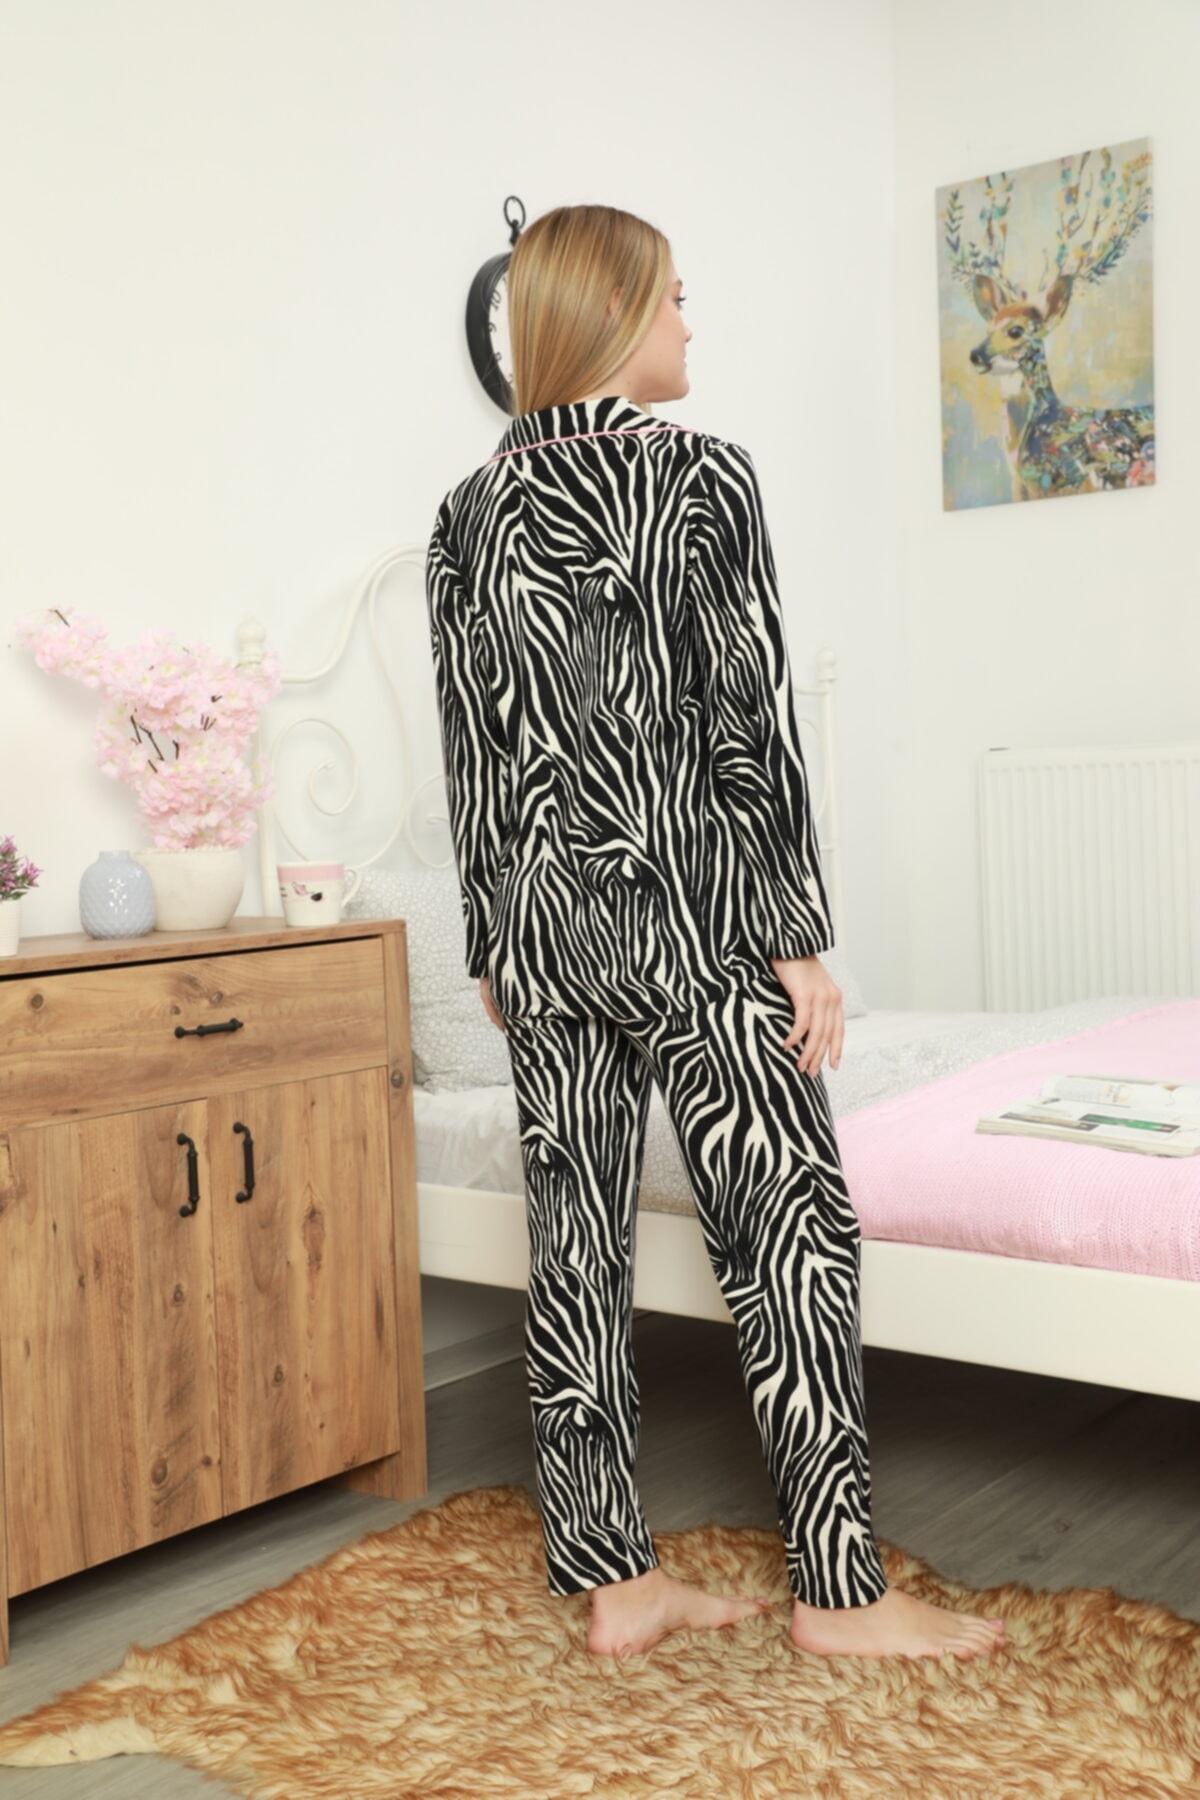 The LUXE Kadın Uzun Kollun Zebra Desen Süet Kadife Önden Düğmeli Pijama Takımı 2